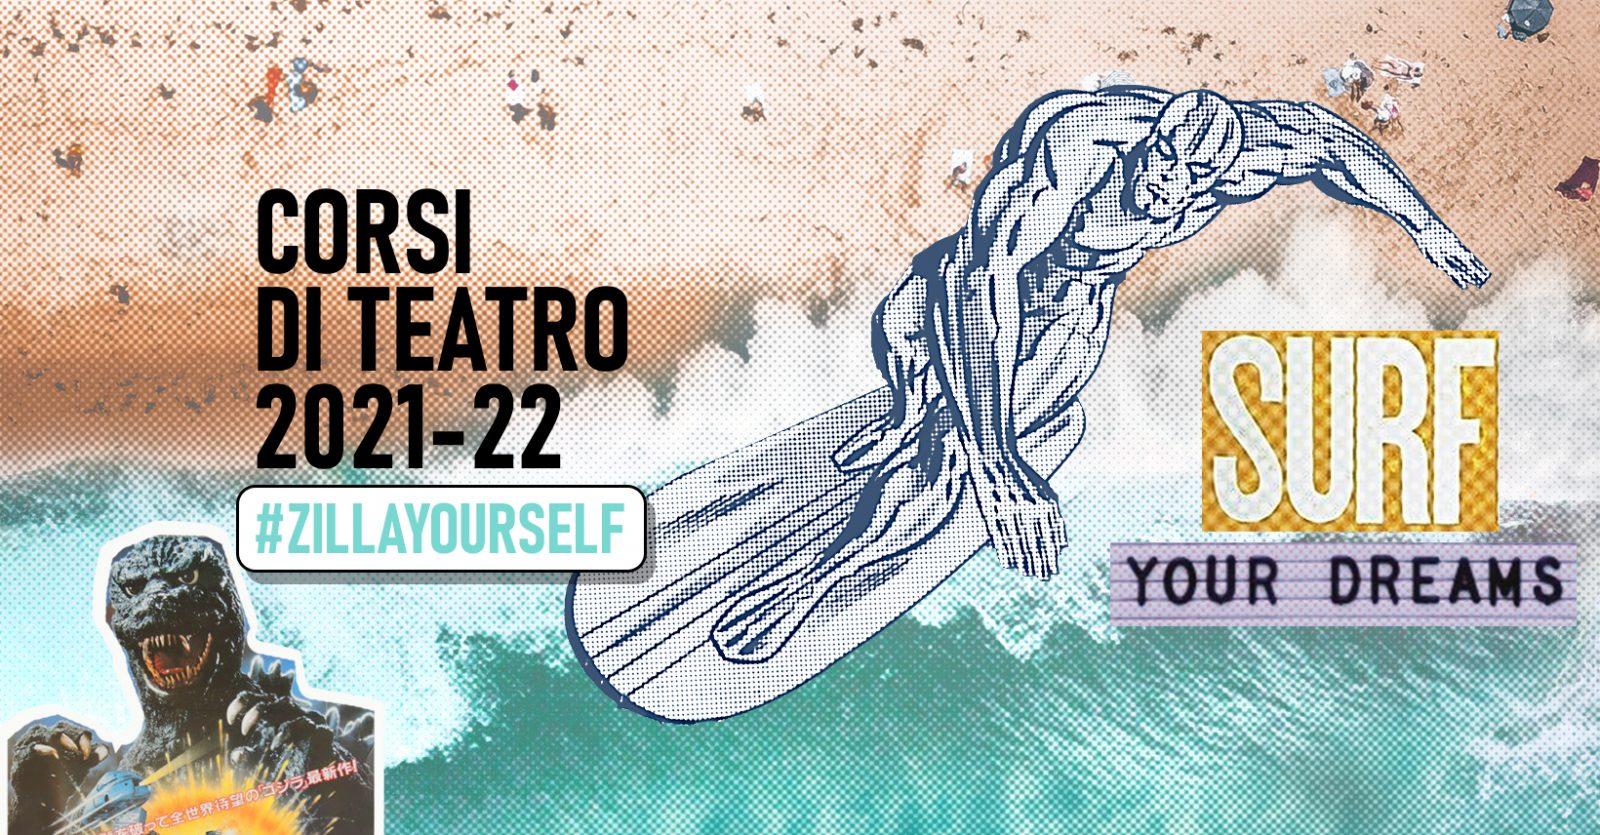 Corsi teatro 2021/22